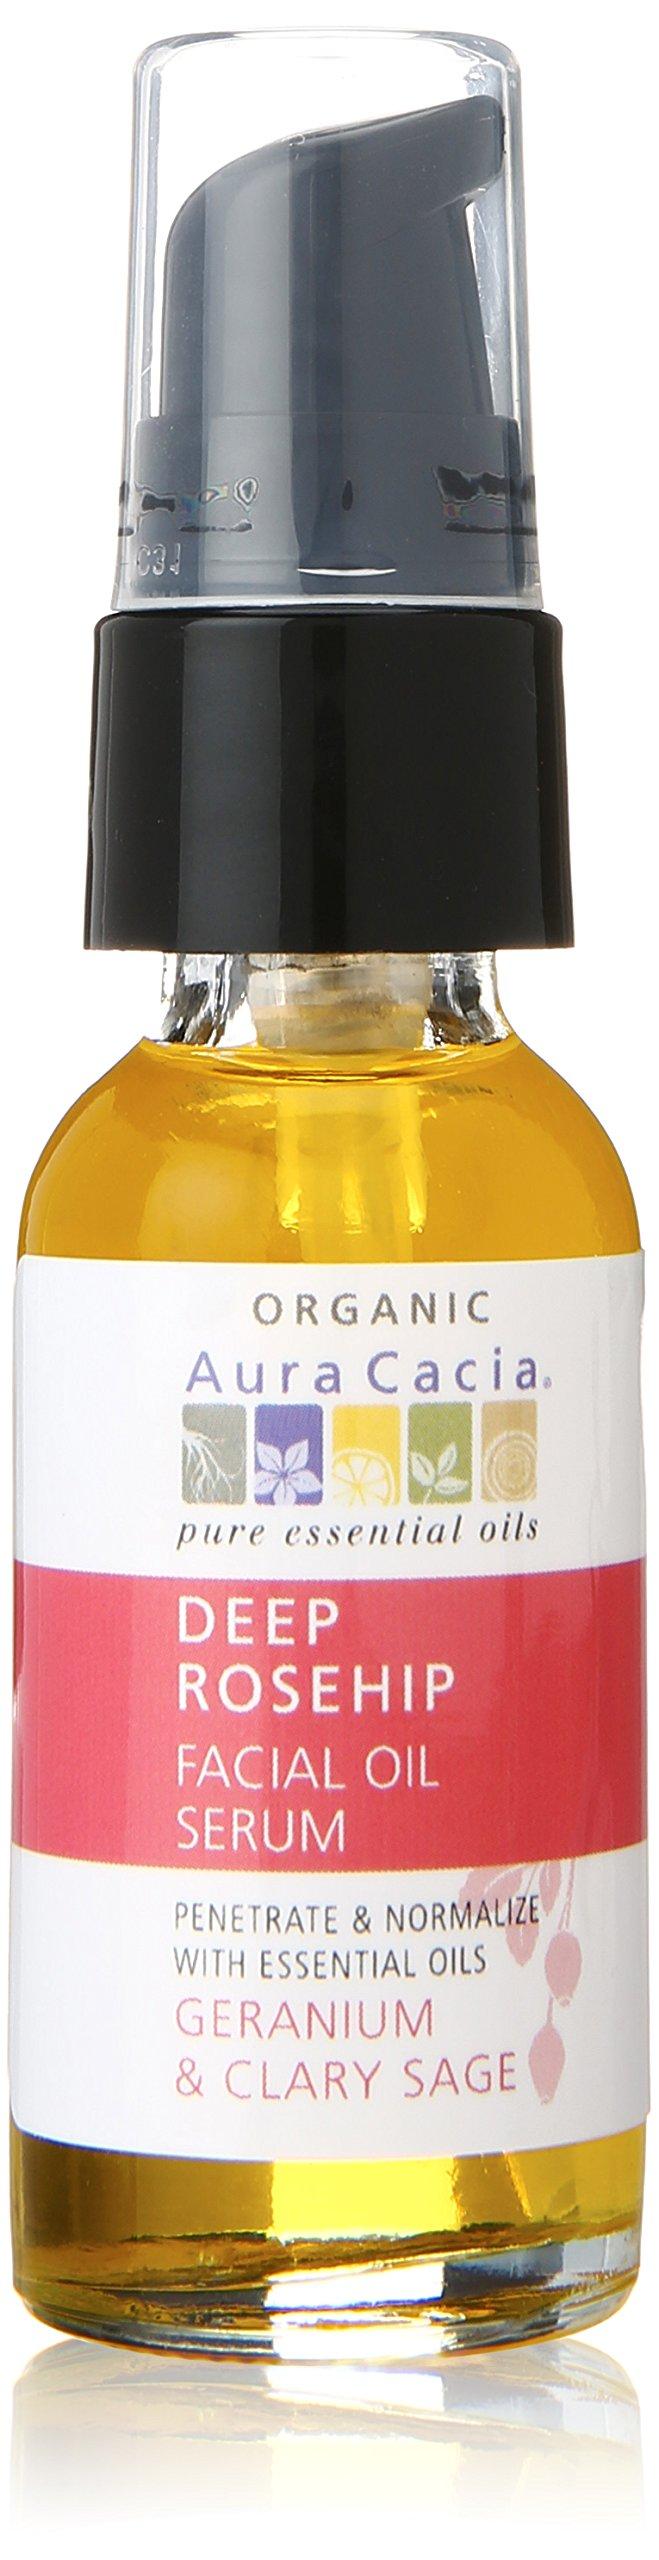 Aura Cacia Deep Rosehip Facial Oil Serum, 1 Fluid Ounce